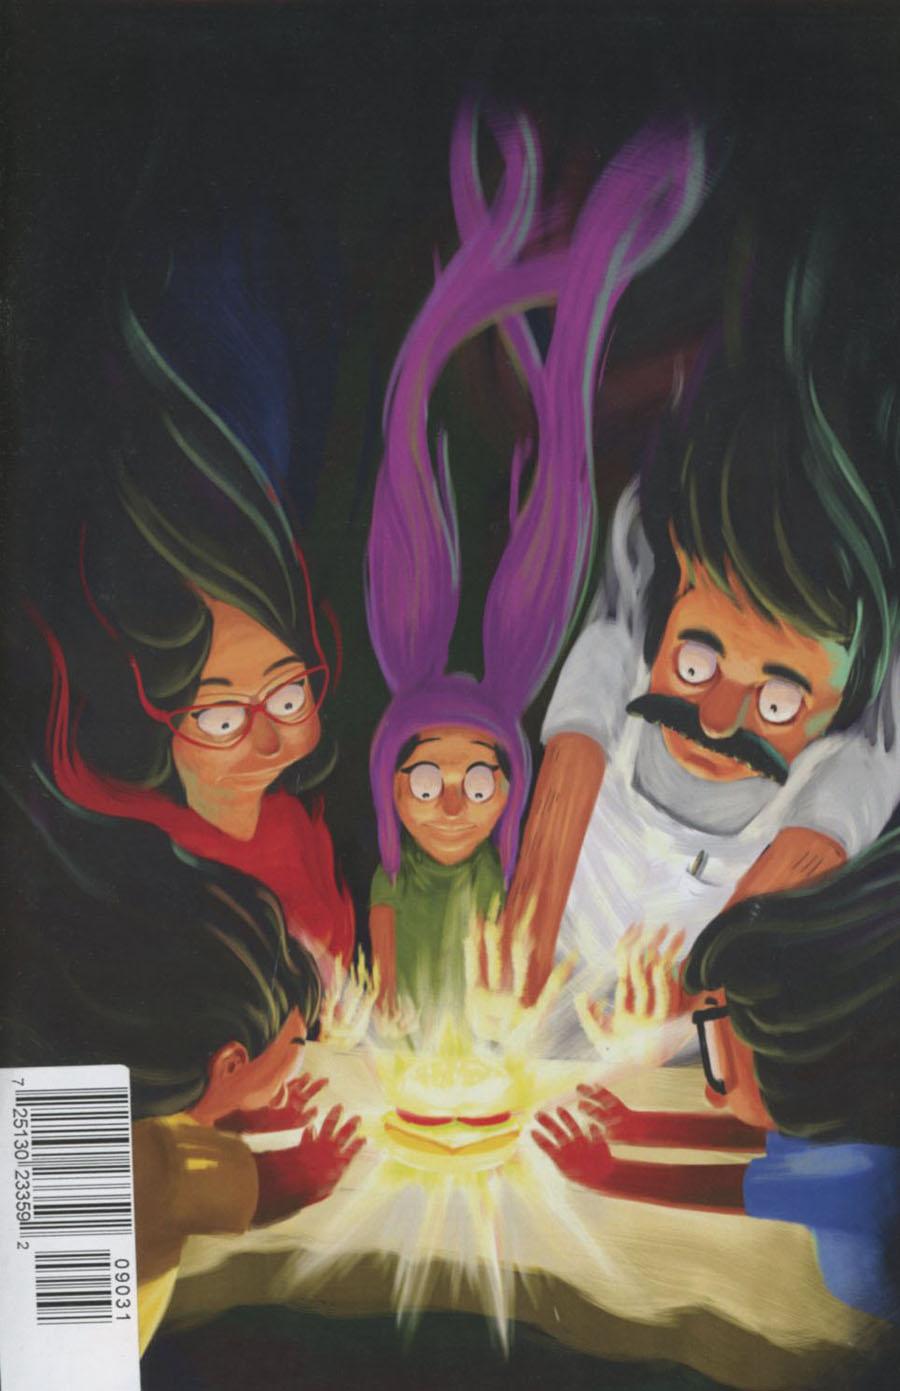 Bobs Burgers Vol 2 #9 Cover C Rare Joe Healy Reynoso Virgin Cover